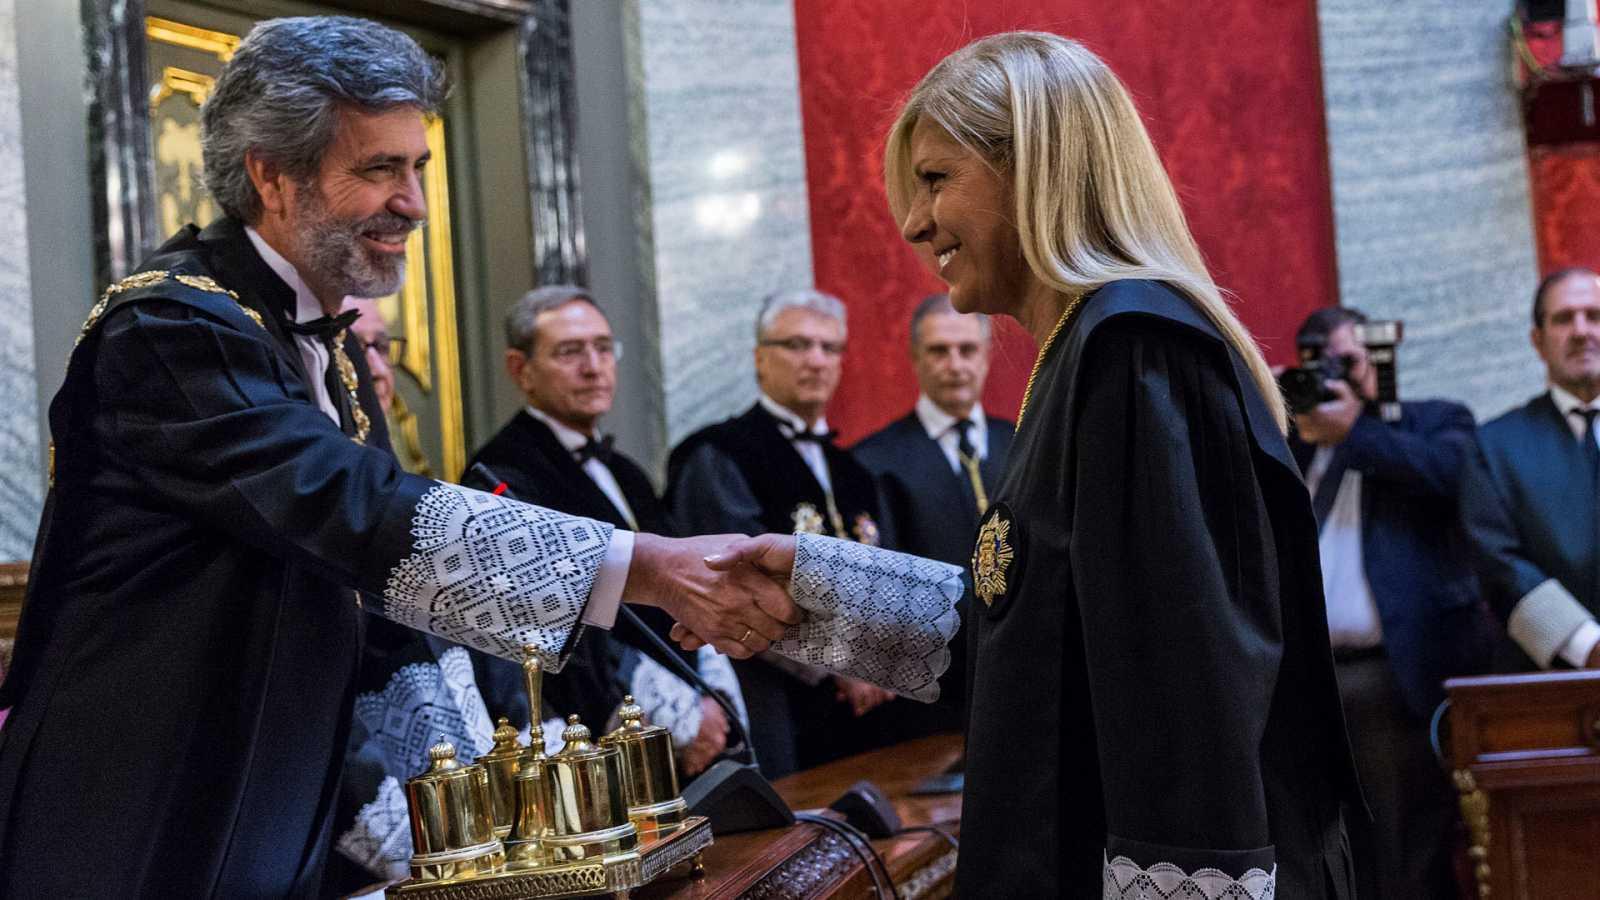 La magistrada Susana Polo saluda al presidente del Tribunal Supremo, Carlos Lesmes en el acto de toma de posesión en 2018.